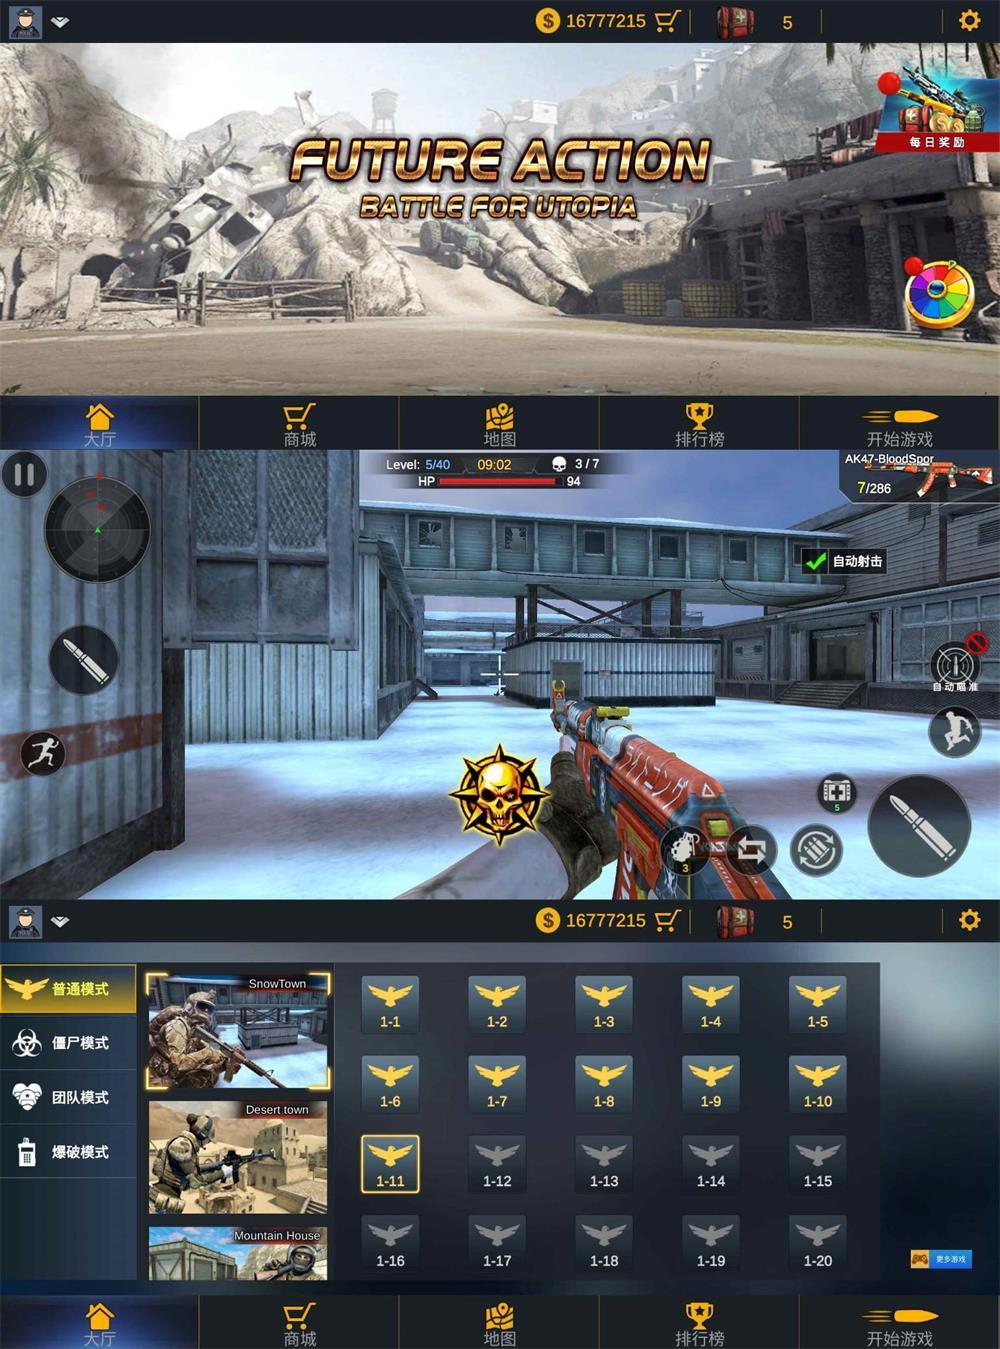 单人射击游戏 突击队行动团队